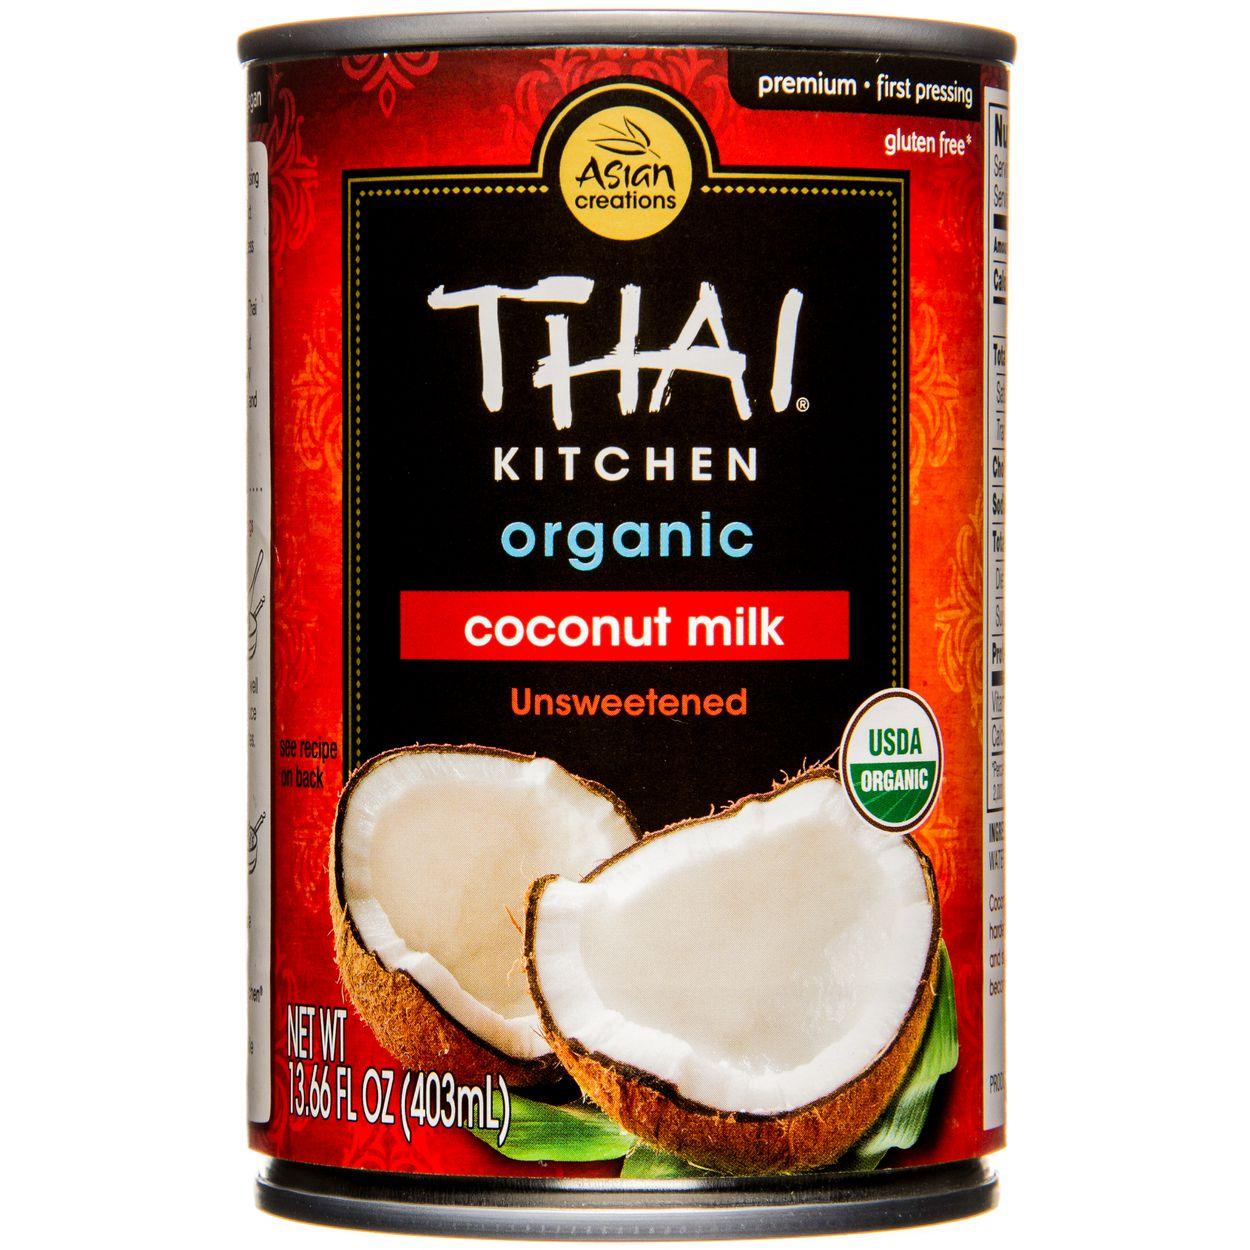 thai kitchen - coconut milk - organic - azure standard